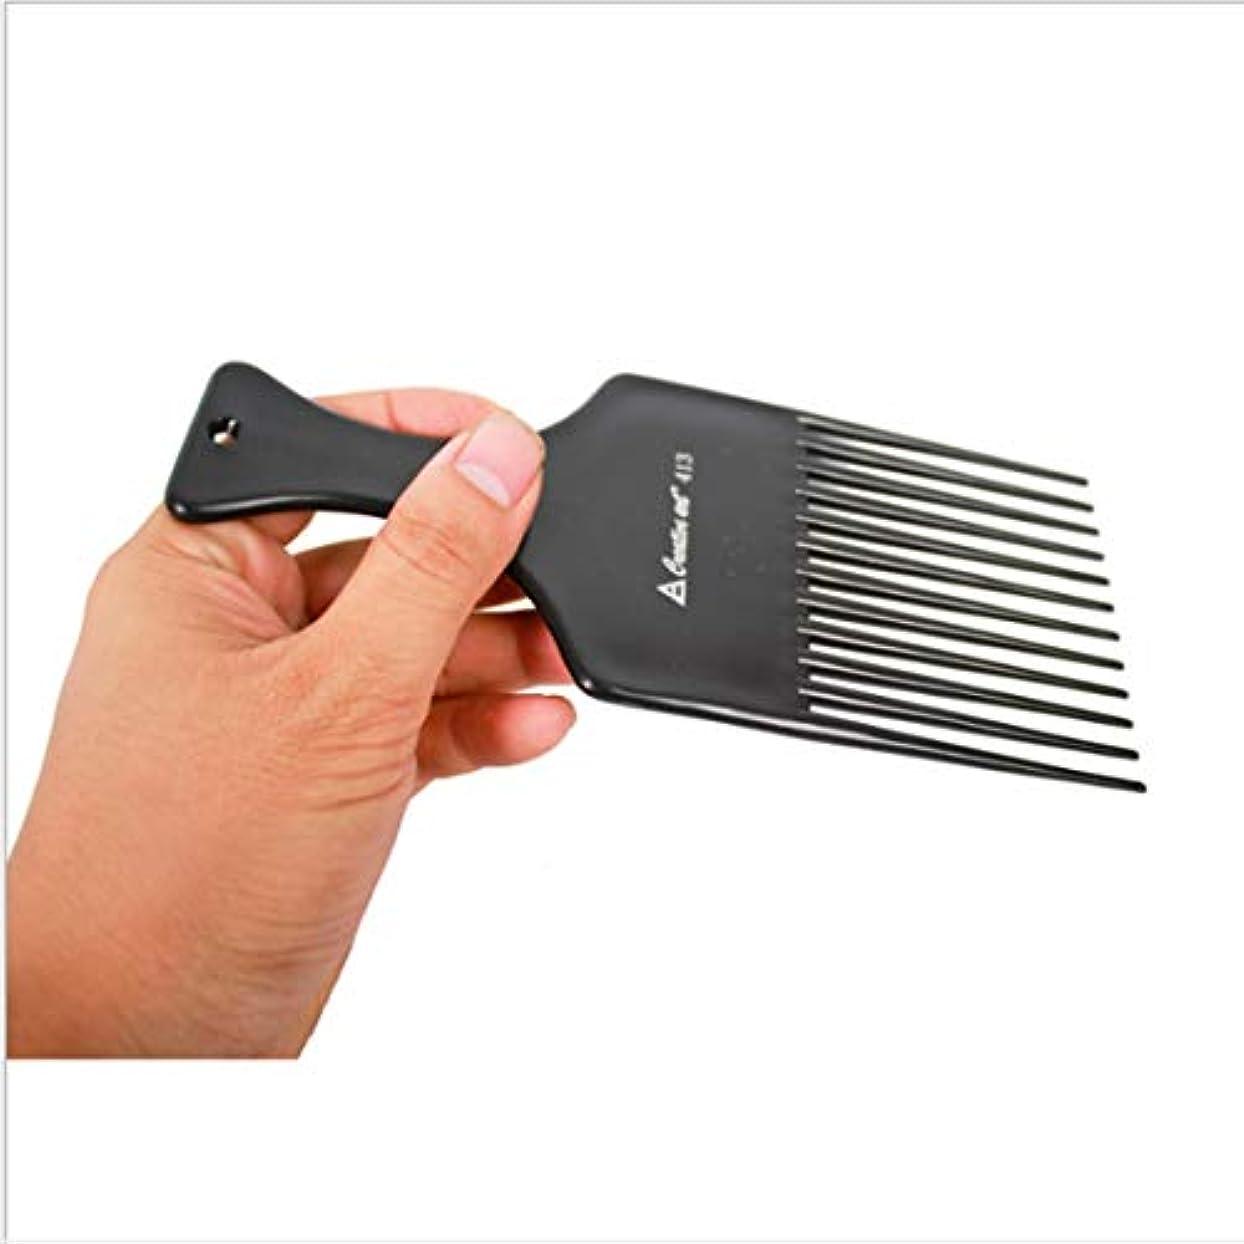 くすぐったいストロークキノコGuomao 理髪師のフォーク-7inchの長さのための滑らかな毛の調整の熊手の櫛 (色 : 黒)